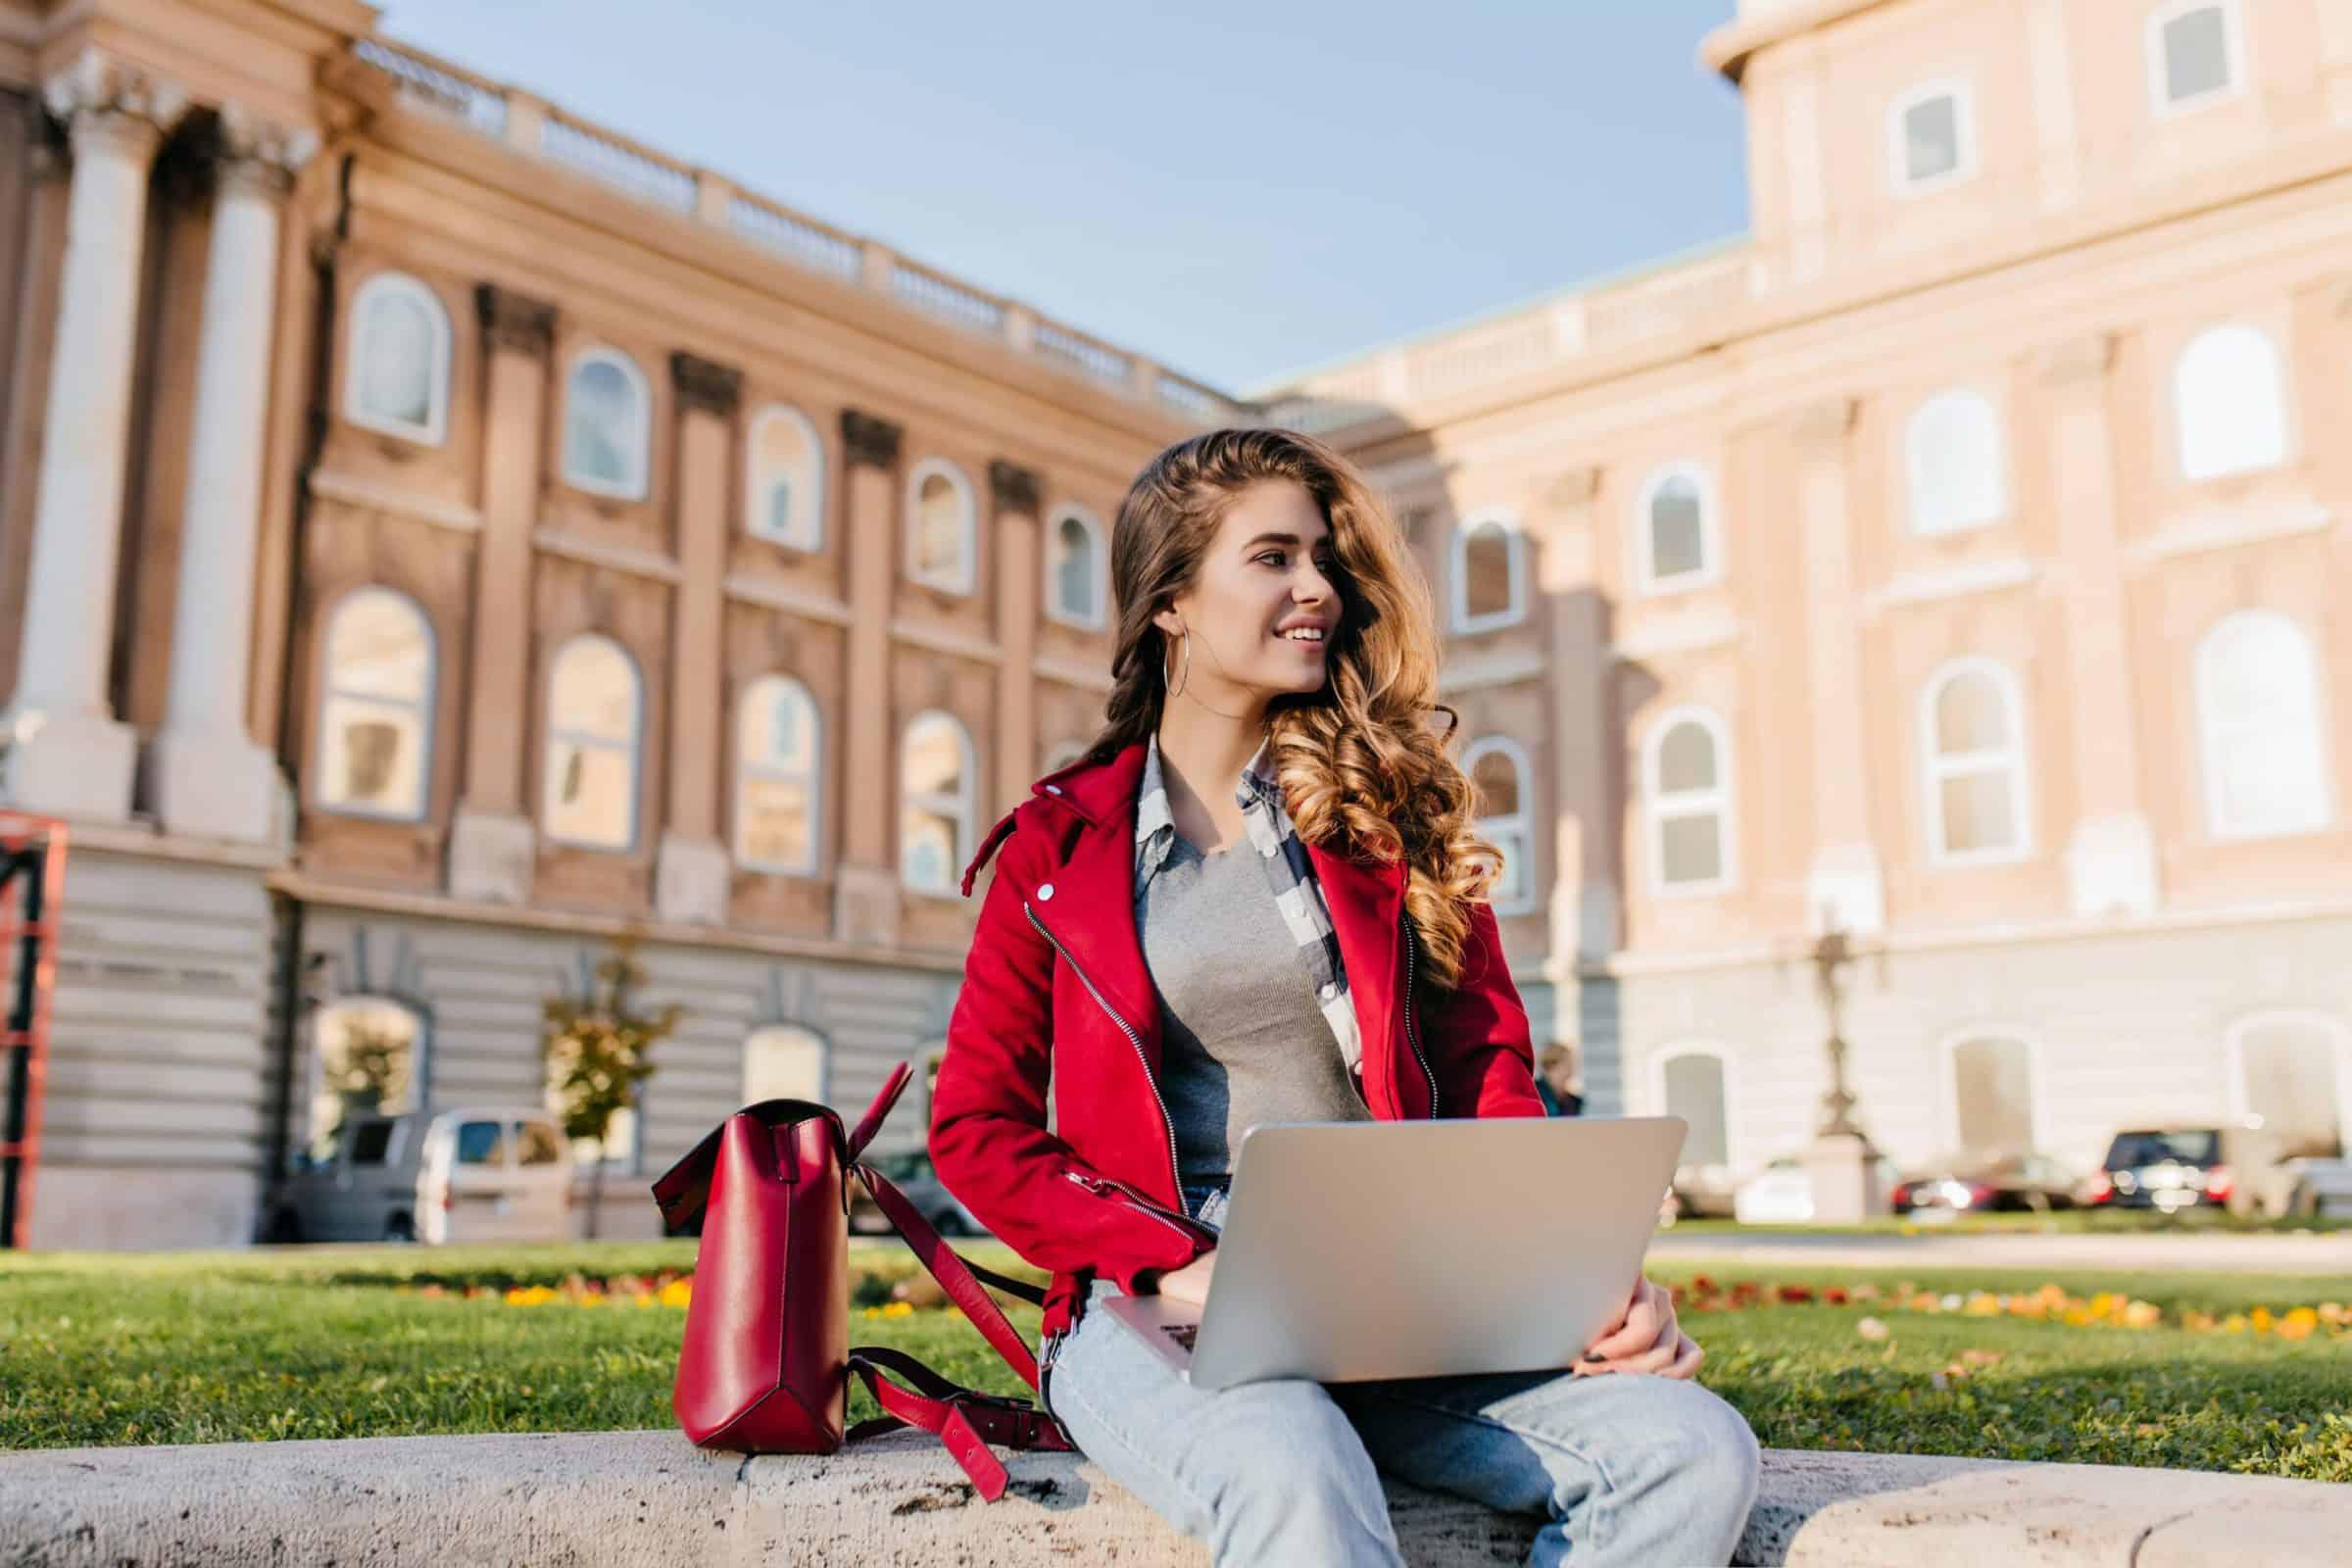 Girl in university studying